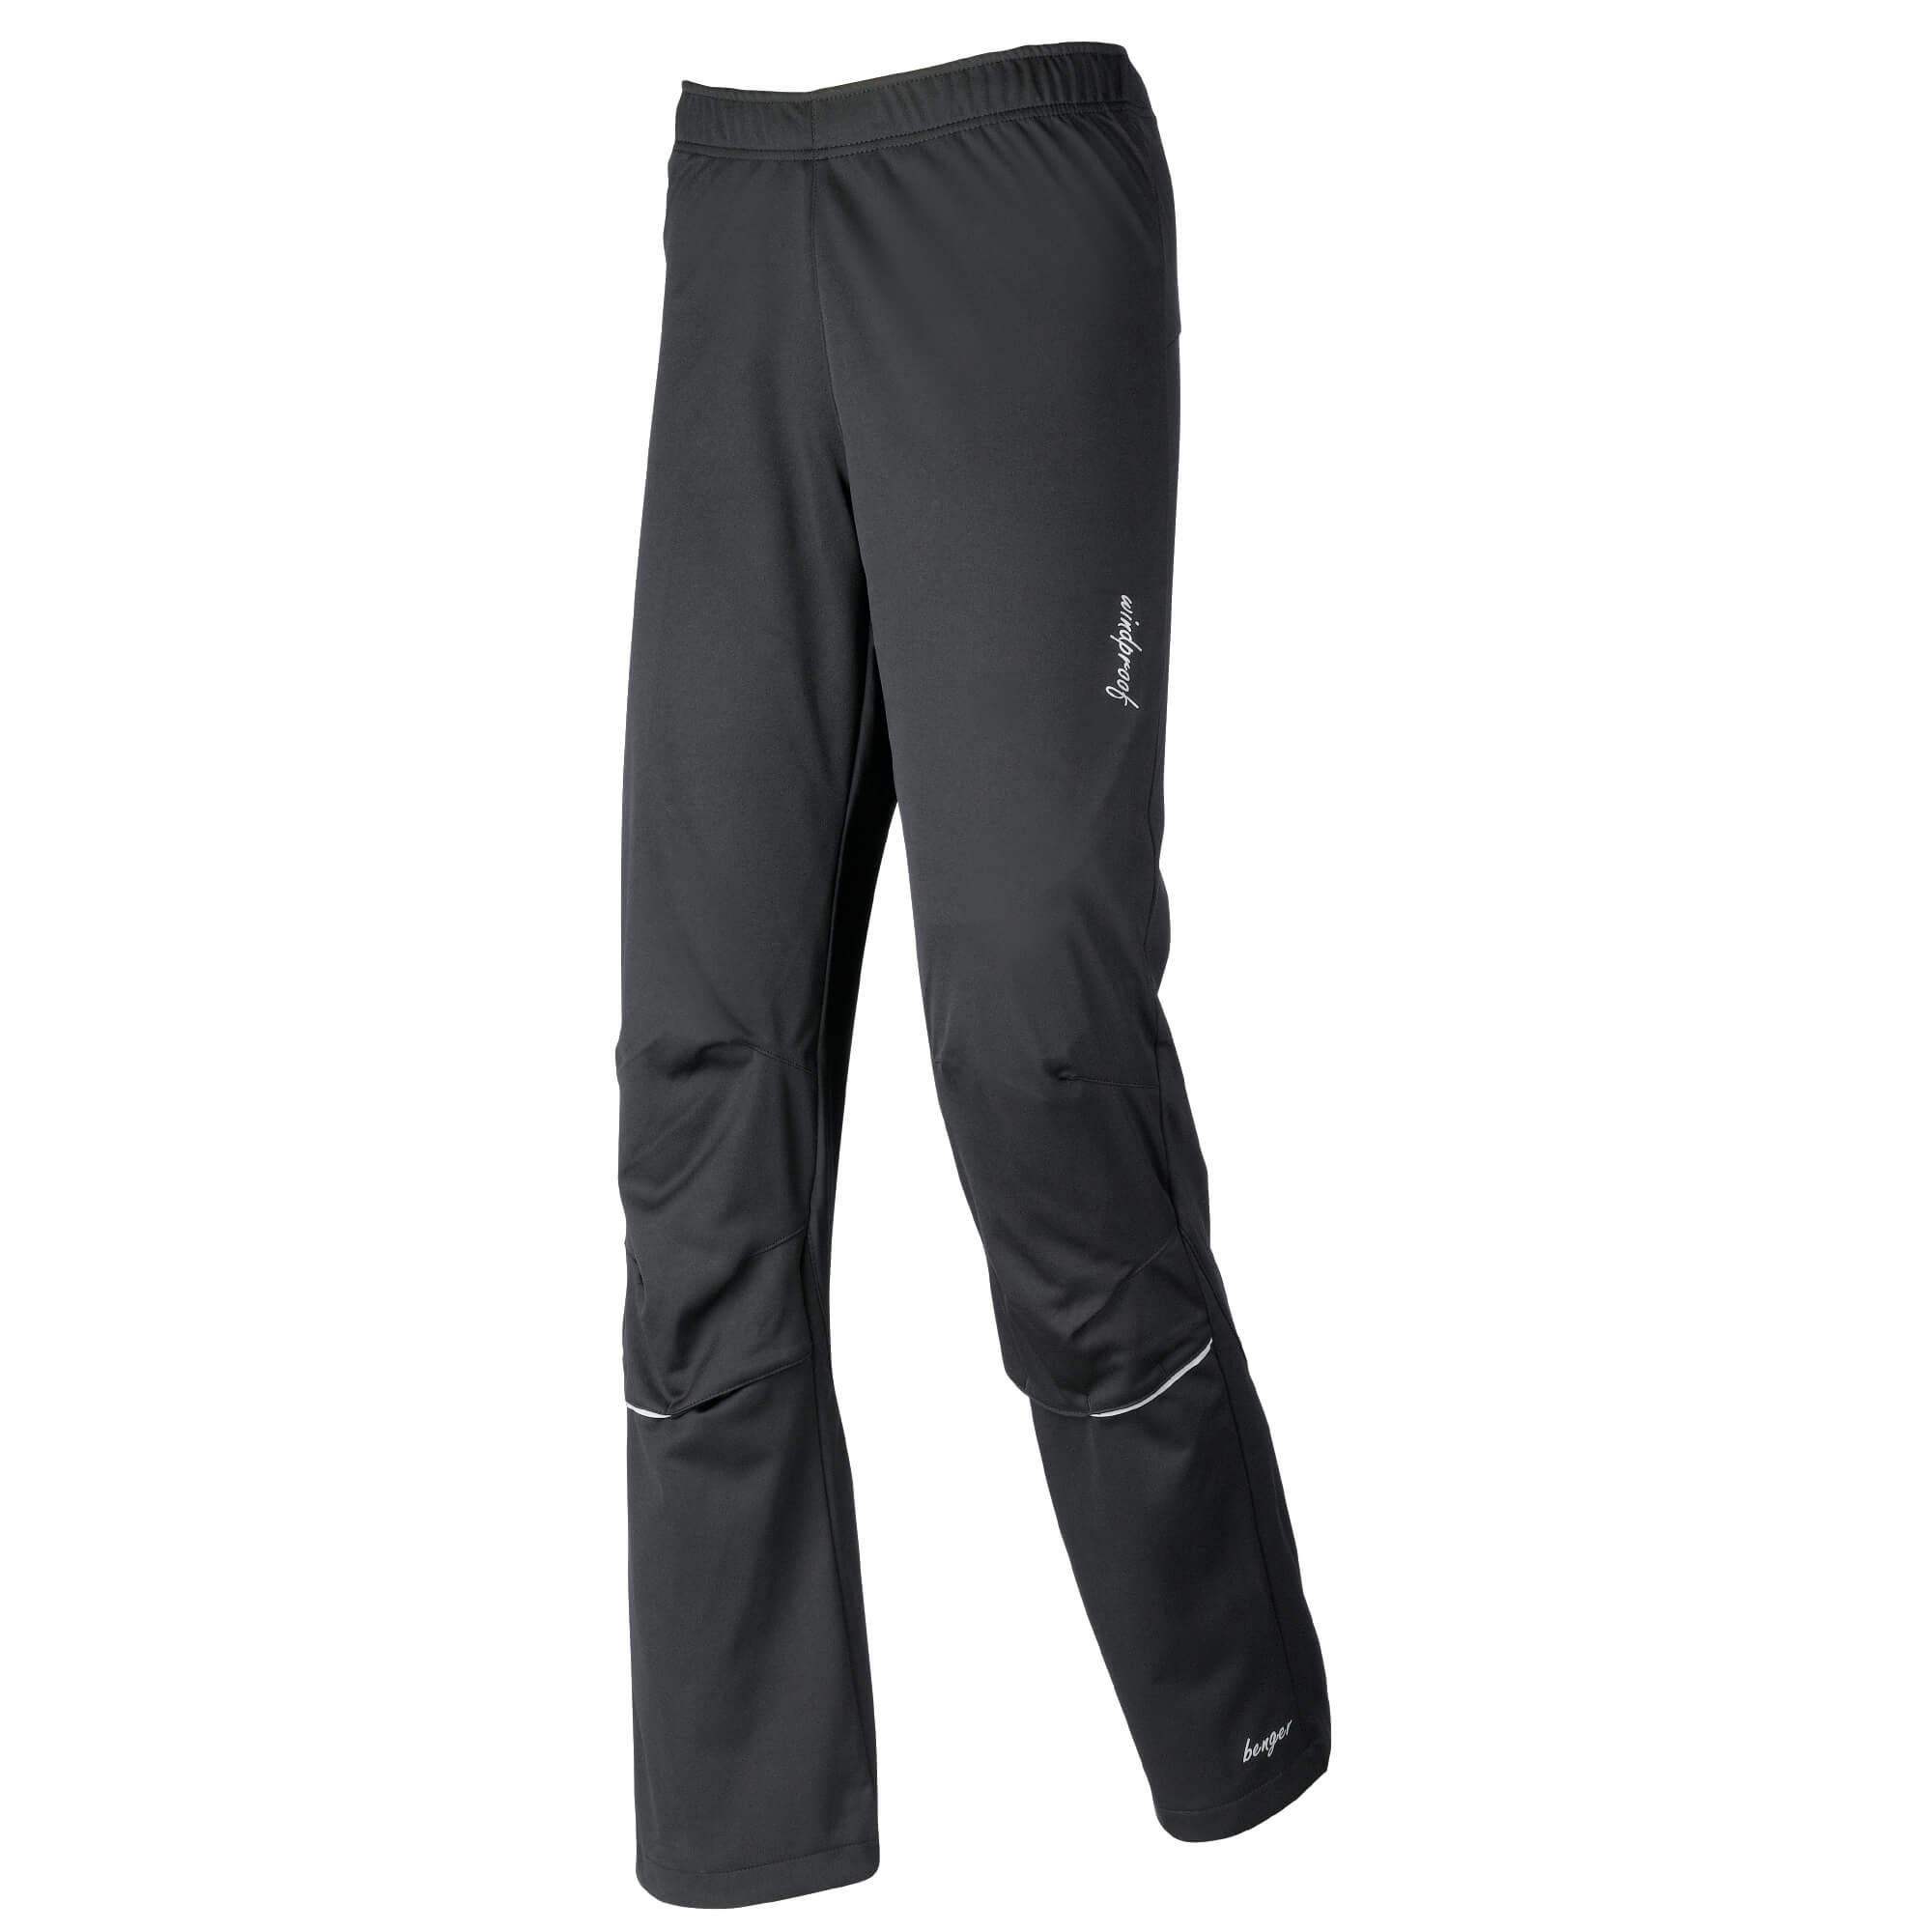 Pantaloni de alergare pentru femei